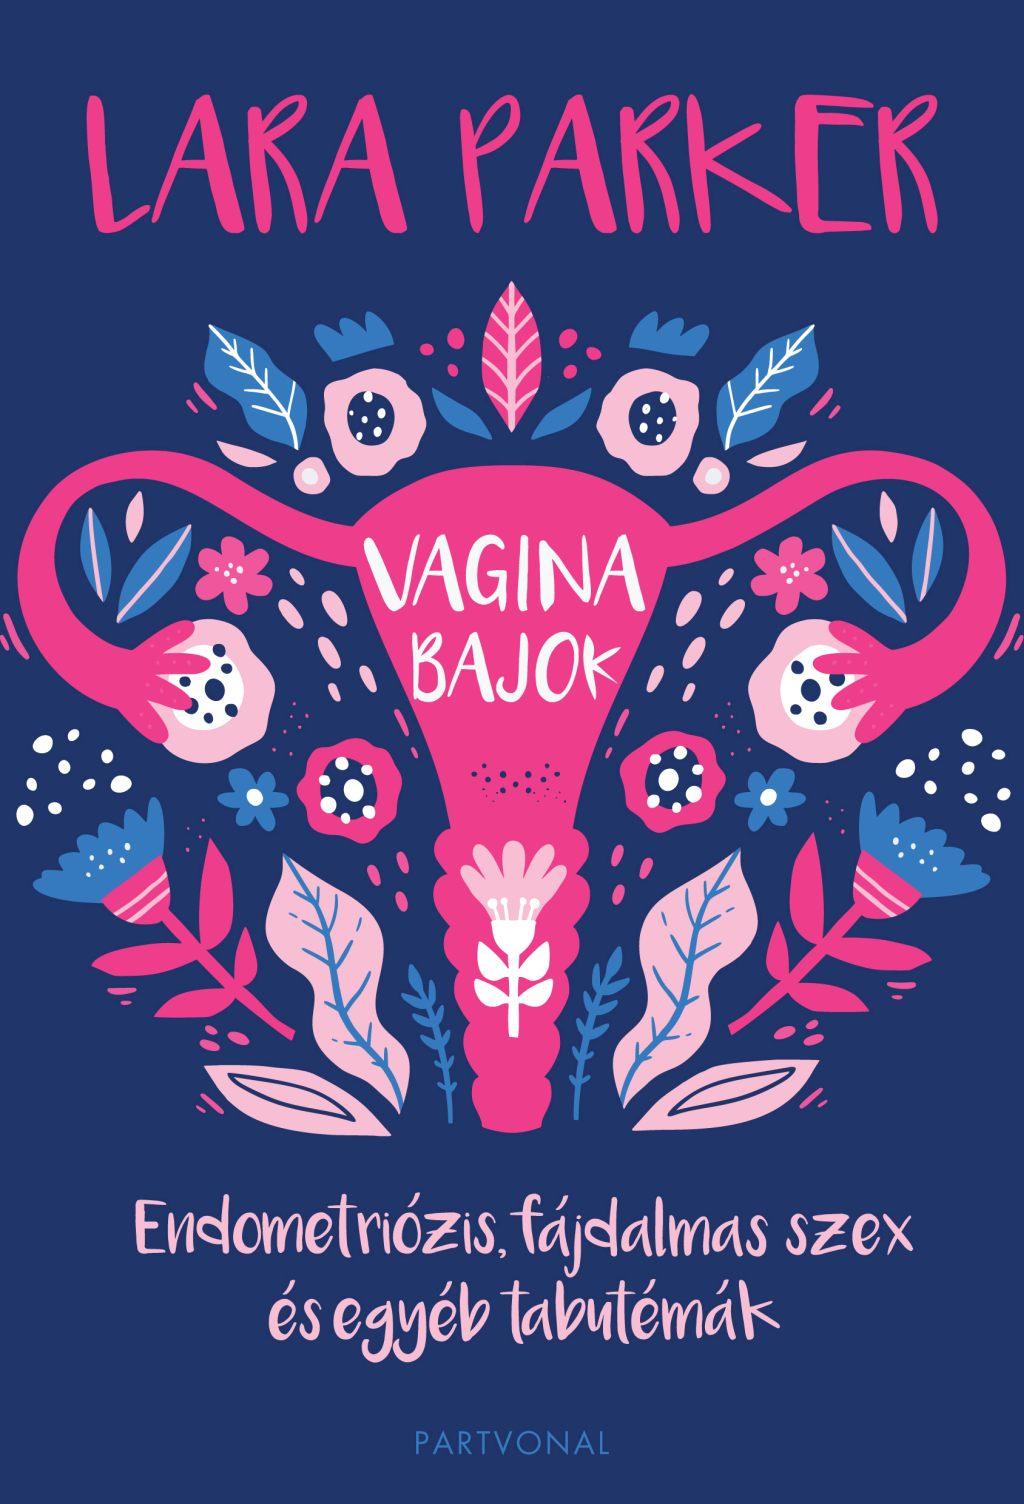 Vaginabajok - Endometriózis, fájdalmas szex és egyéb tabutémák